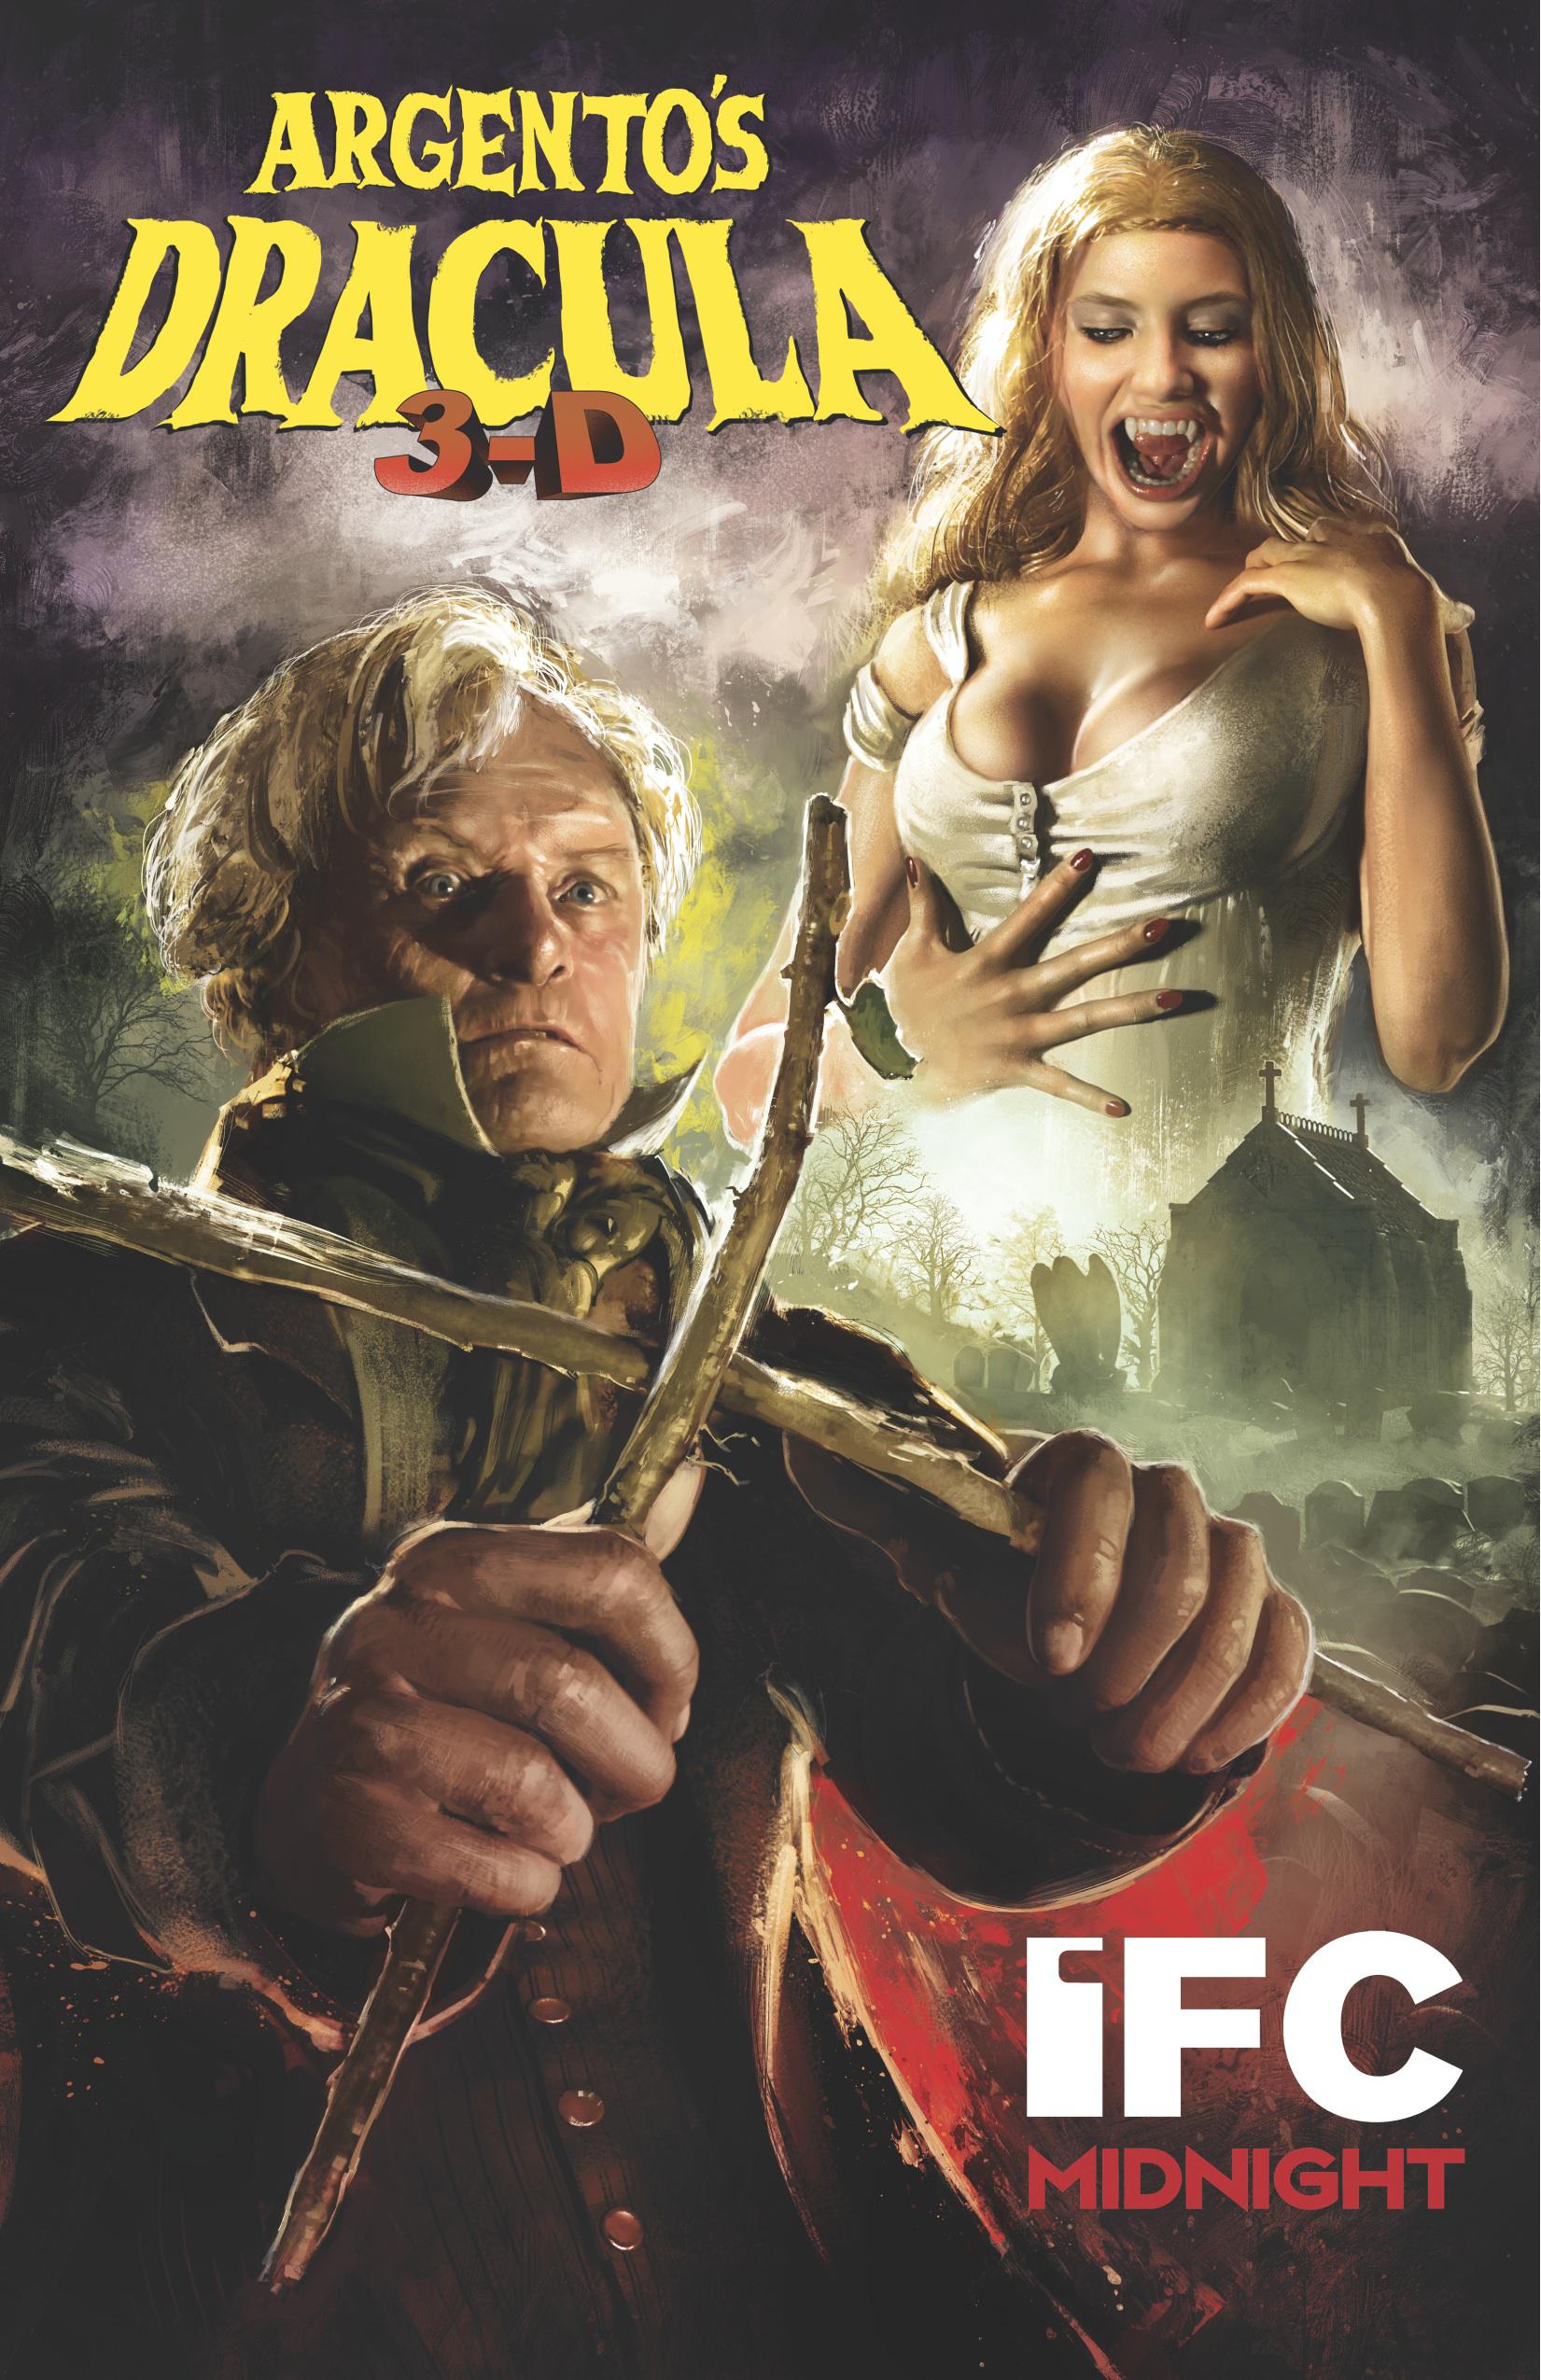 Dracula 3D (2012) - poster